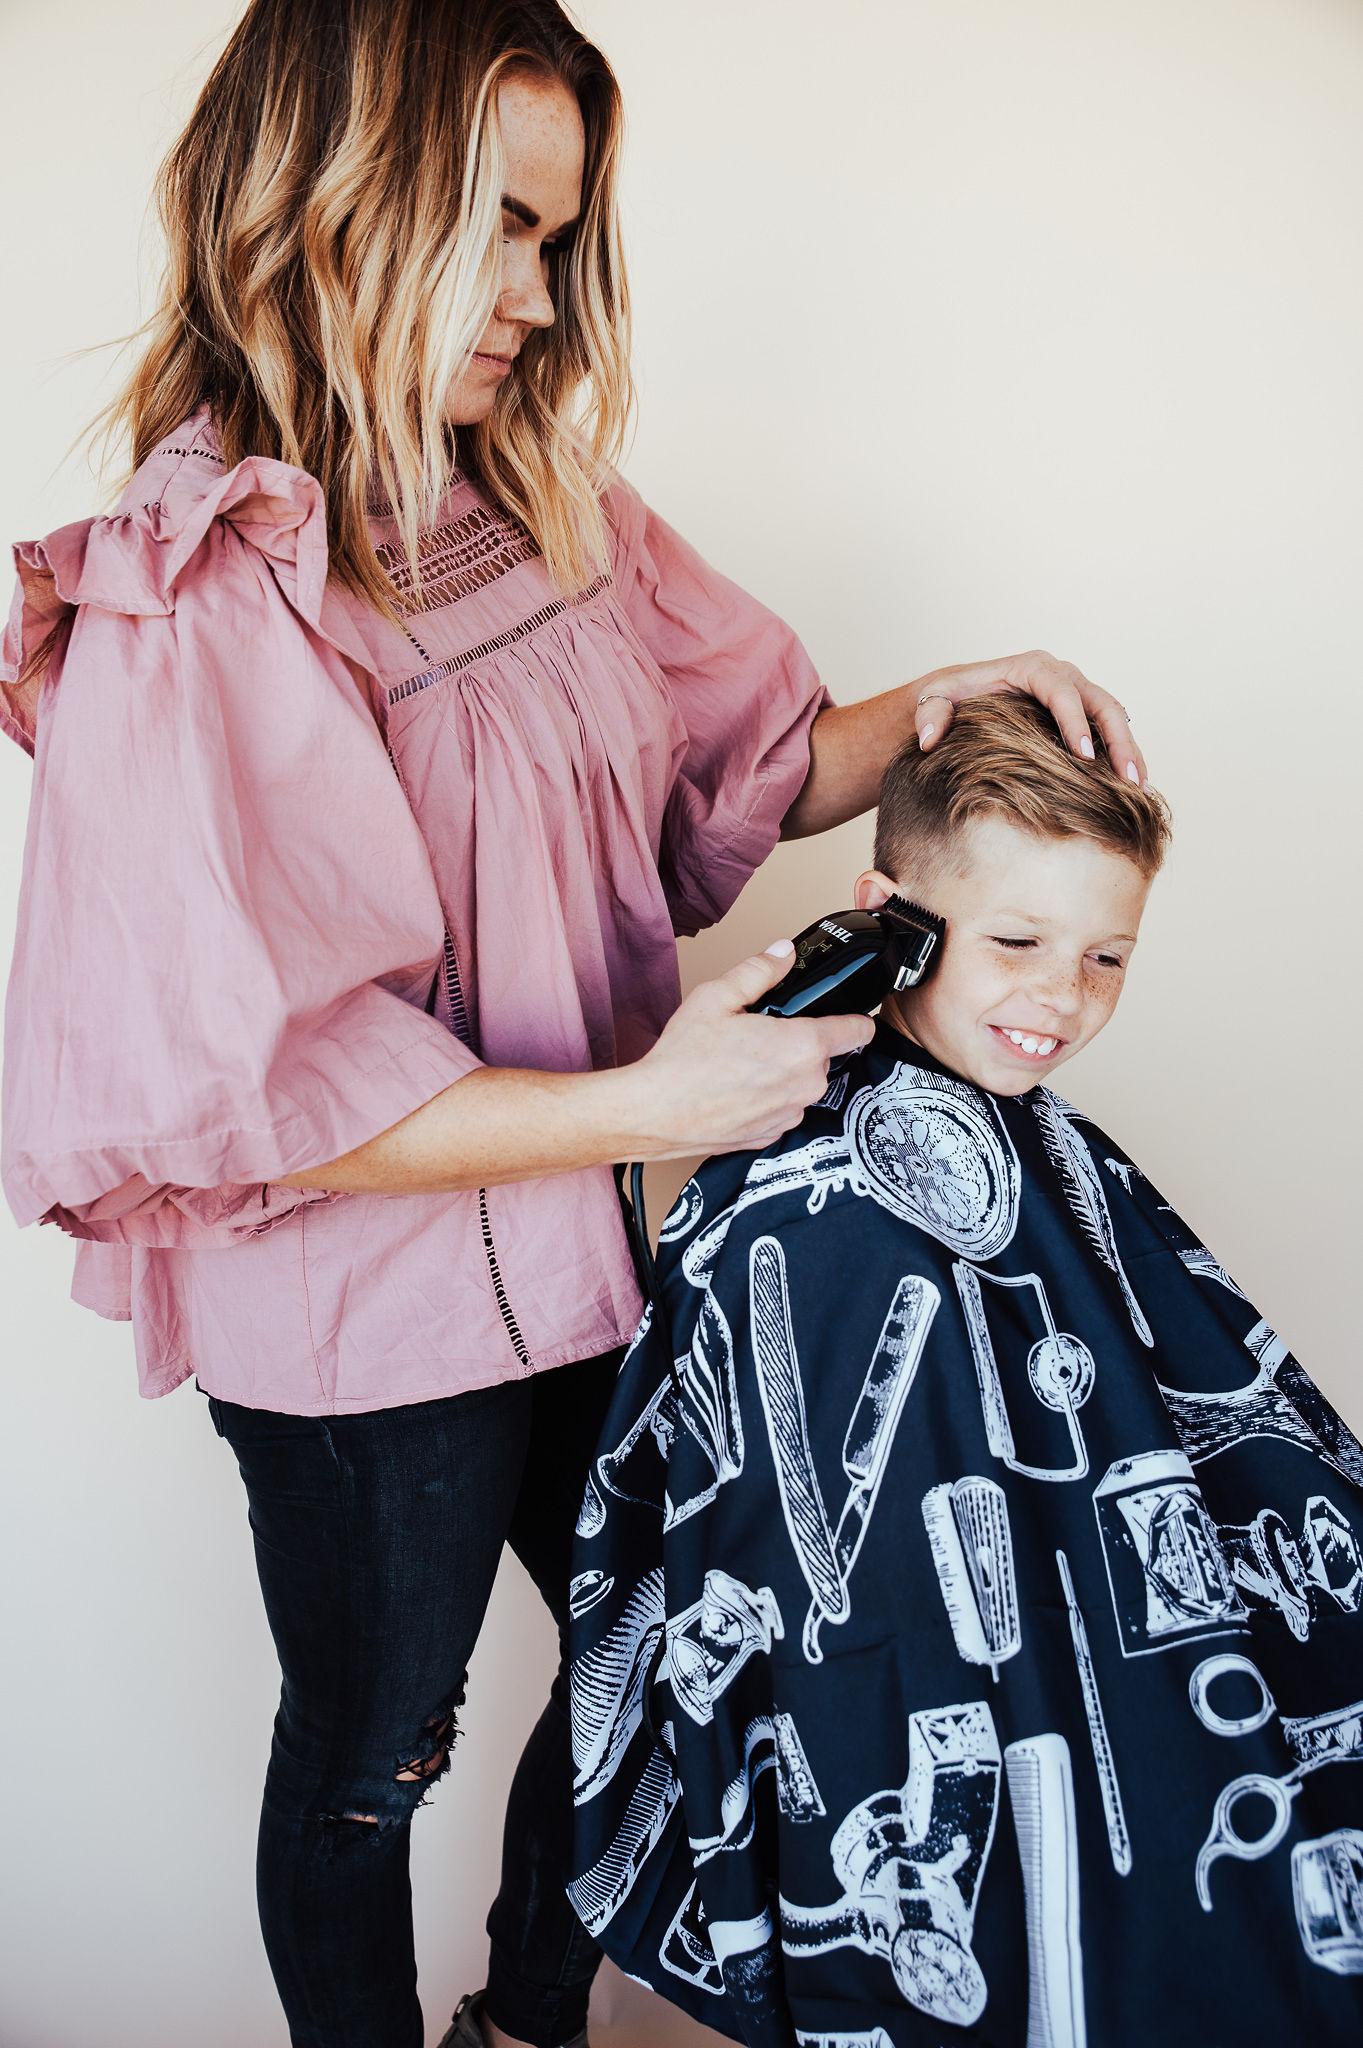 los beneficios de cortar el cabello de su hijo en casa.  www.twistmepretty.com